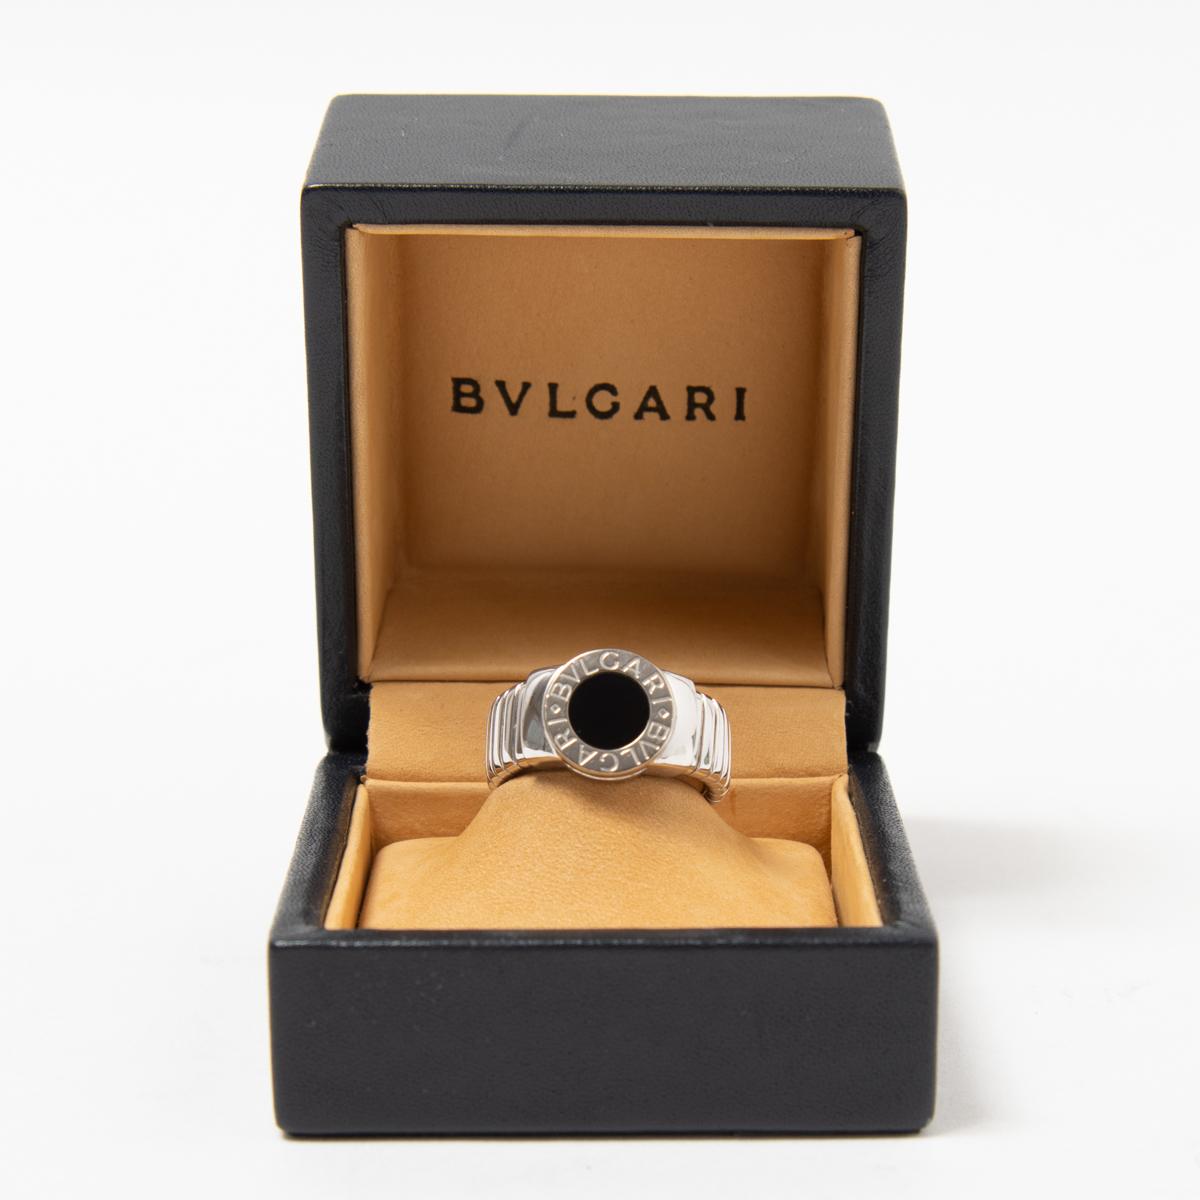 BVLGARI ブルガリブルガリ K18WG×オニキス トゥボガス リング 指輪 ホワイトゴールド 17